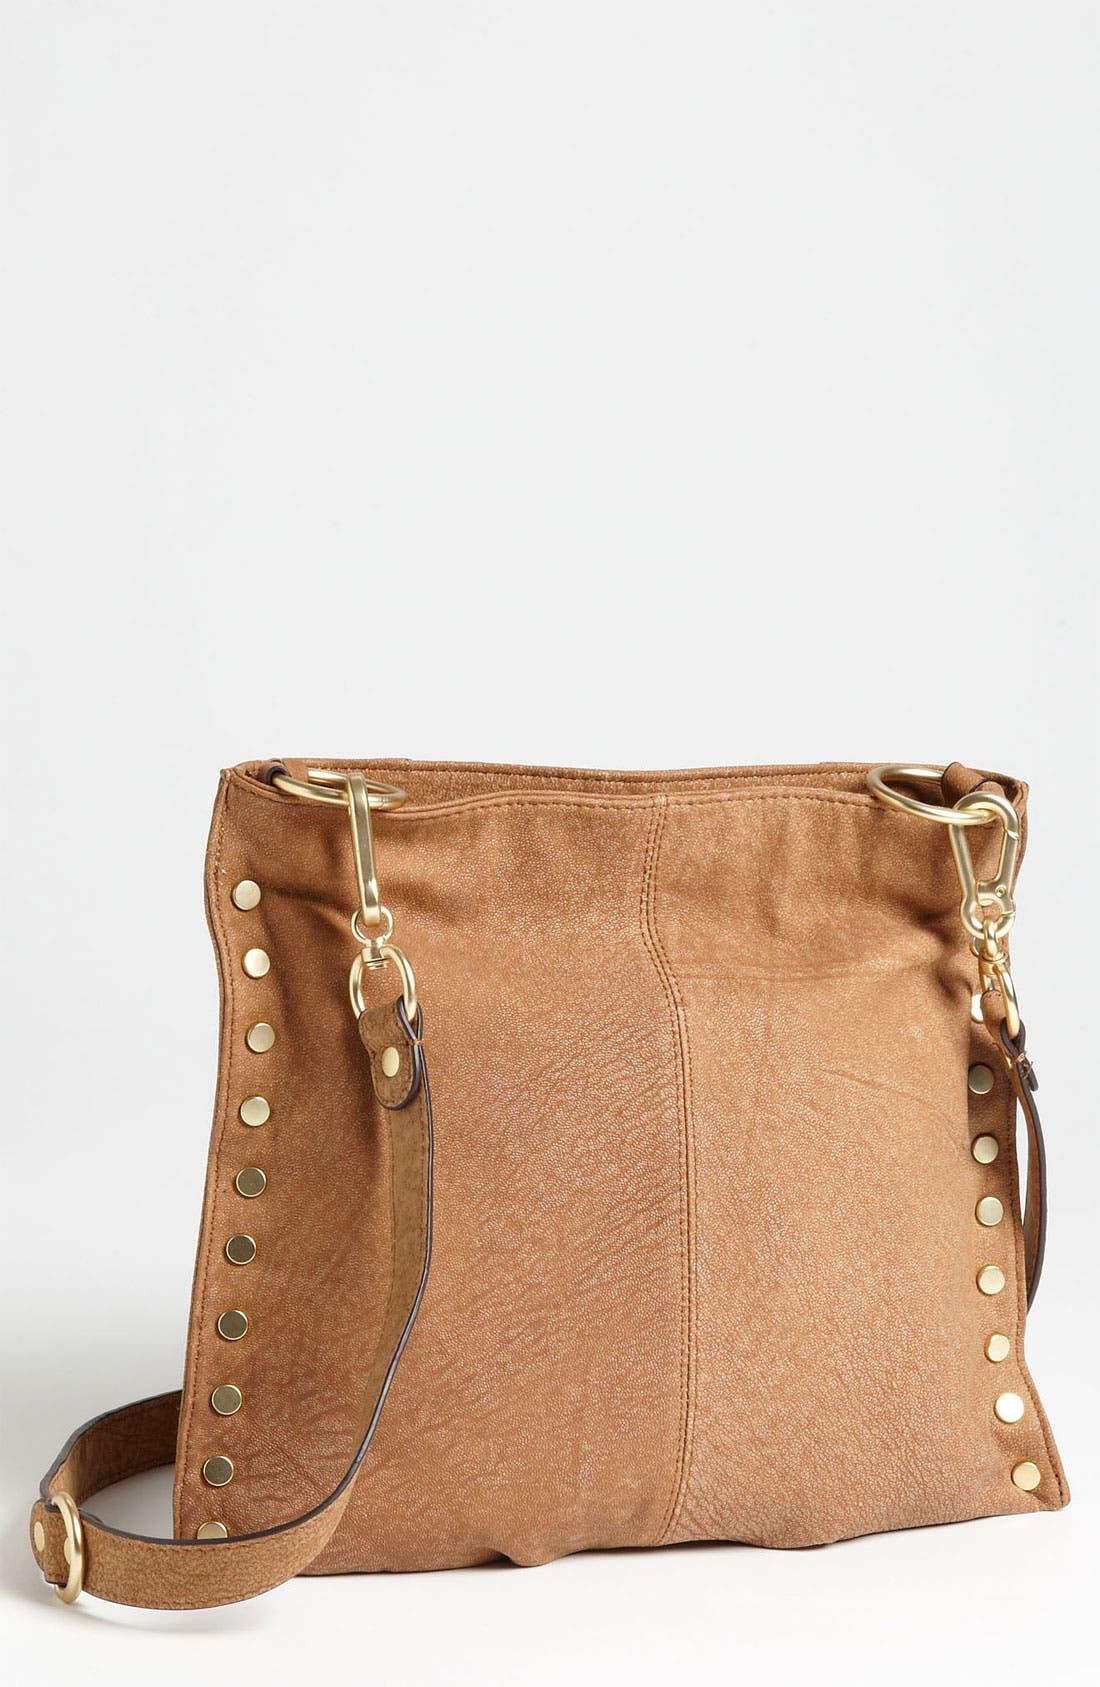 Alternate Image 1 Selected - Sloane & Alex 'Angie' Nubuck Leather Crossbody Bag